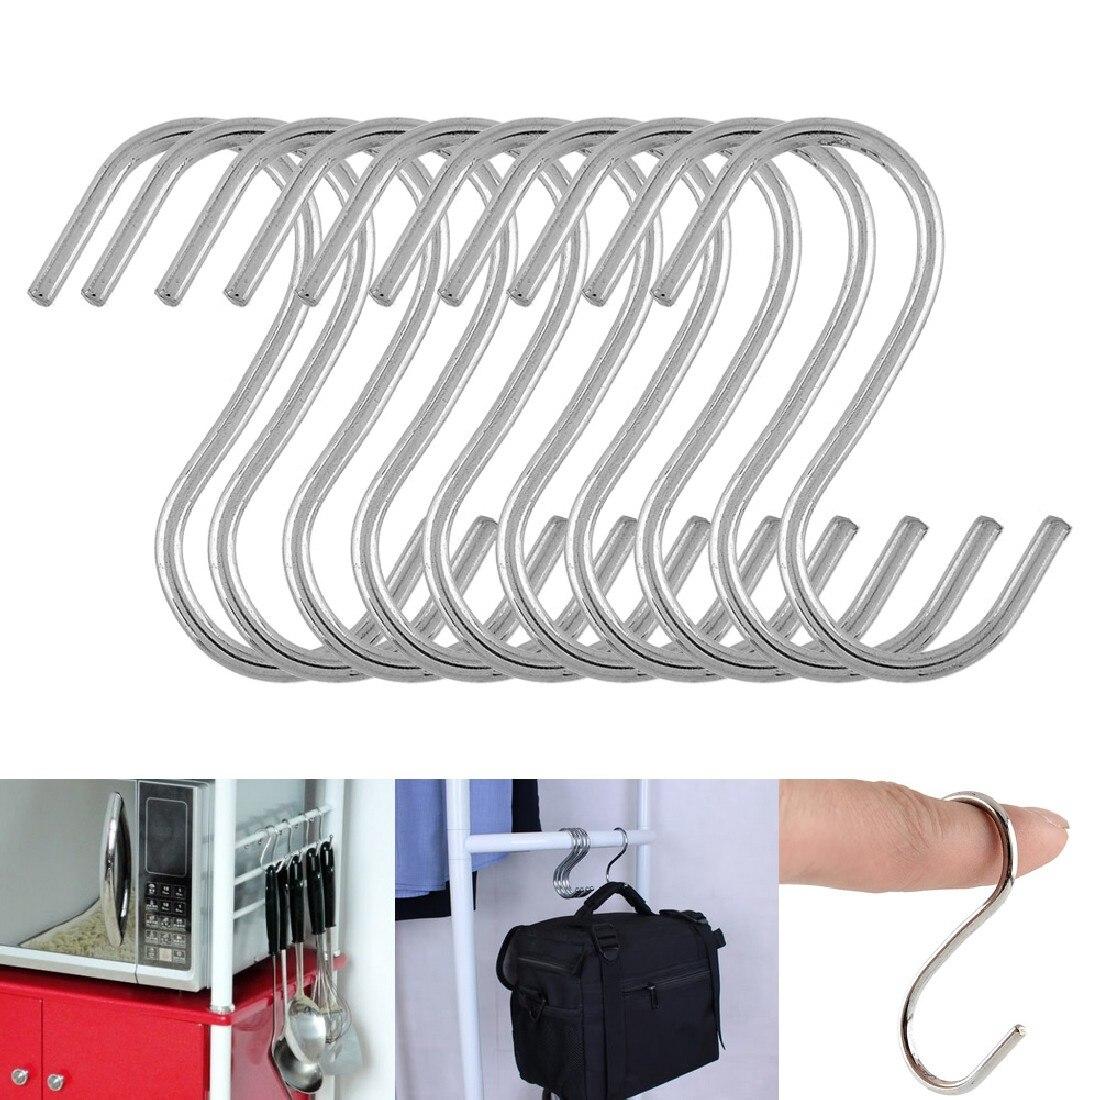 Новый 10 шт. S образный крючки Кухня висит вешалка хранения Держатели Организатор Бытовая дома существенно